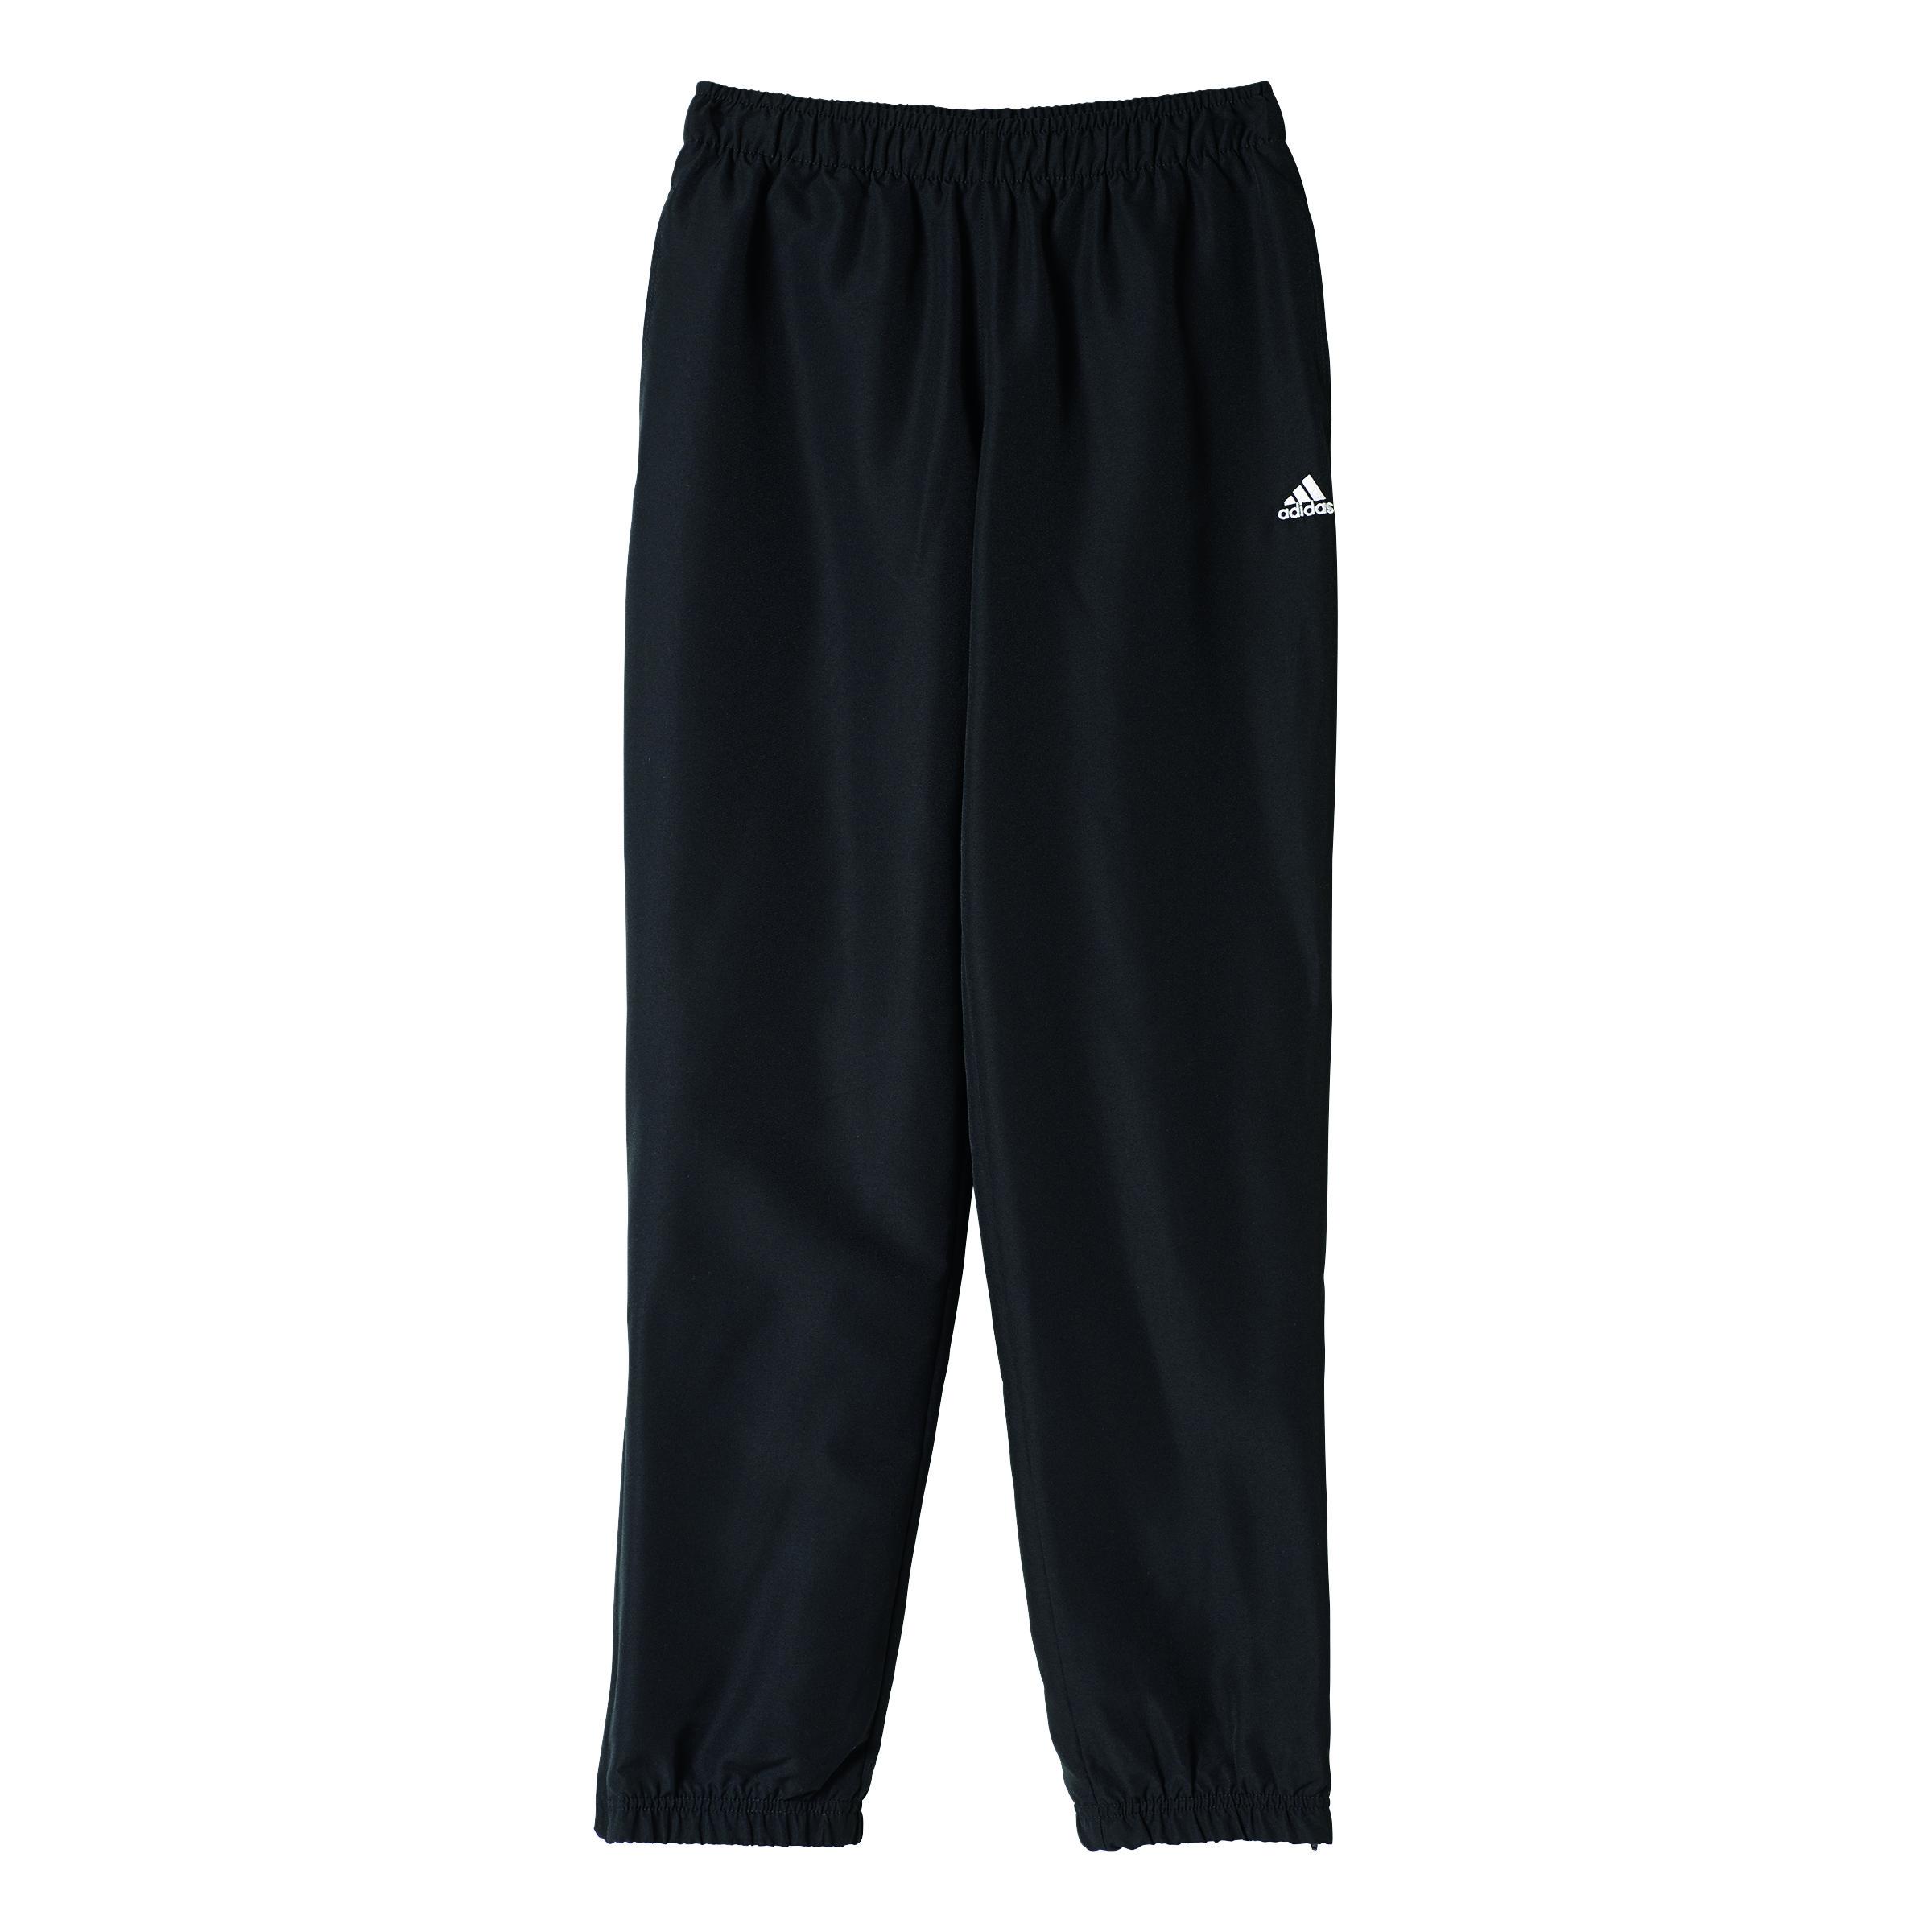 Image of Adidas Essentials Stanford Grösse XL Herren